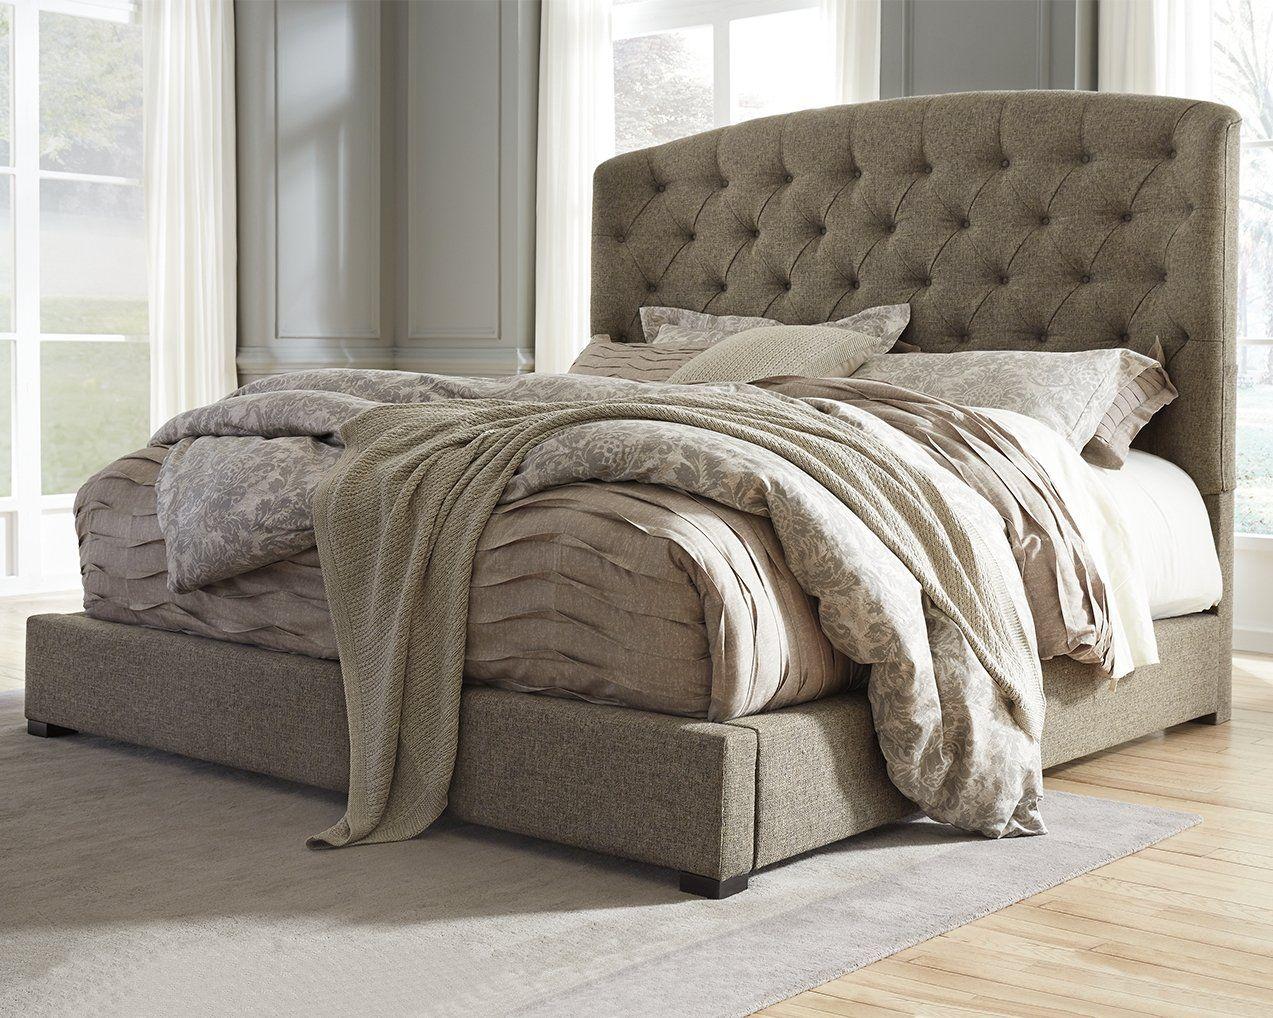 Ashley Furniture Signature Design Gerlane Master Bedroom Set